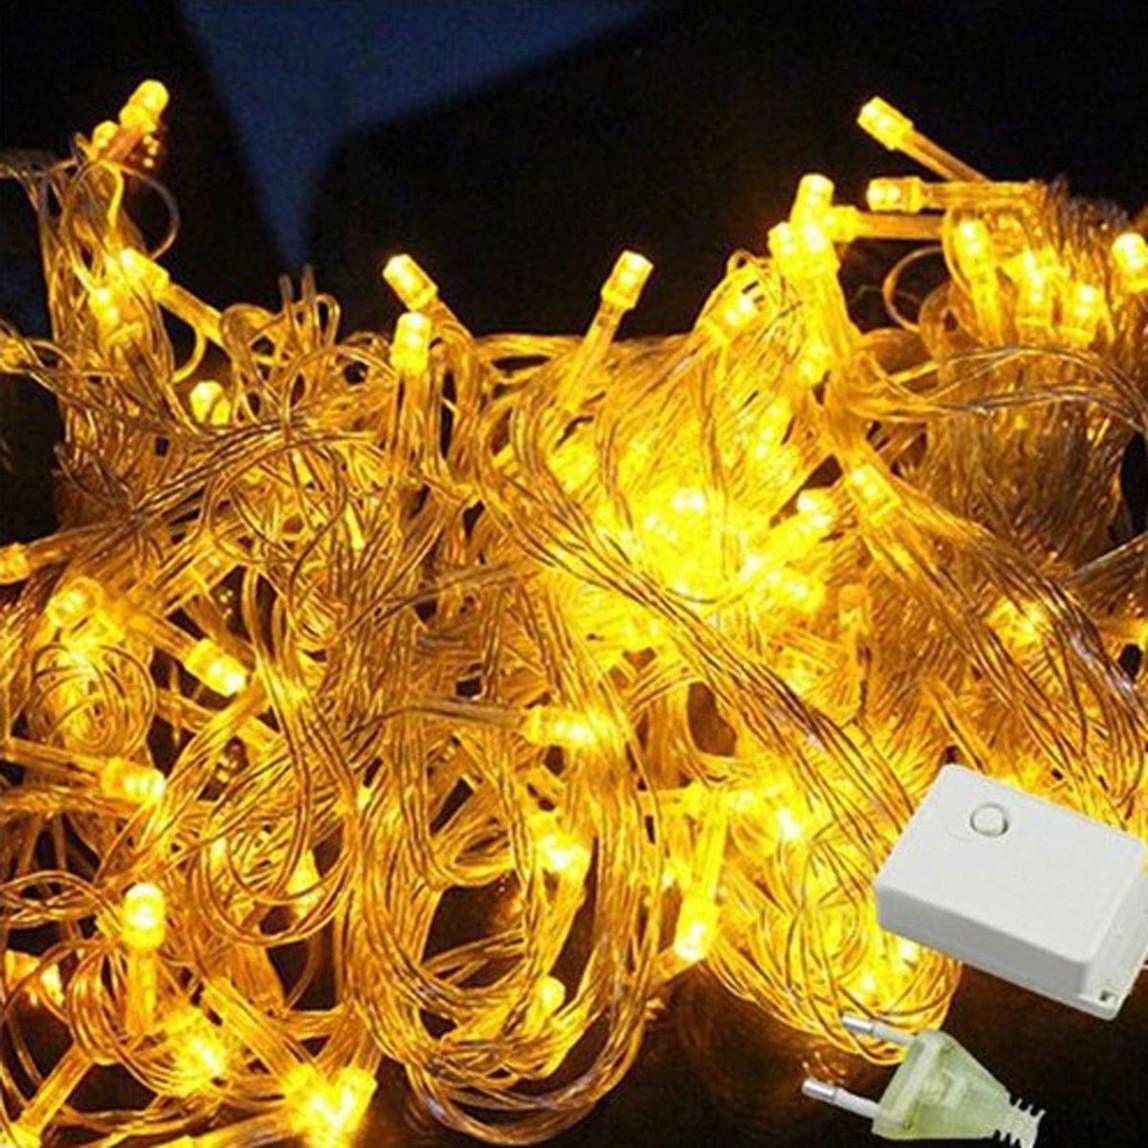 Yılbaşı 2X1 Metre Hareketli Sarı Işık